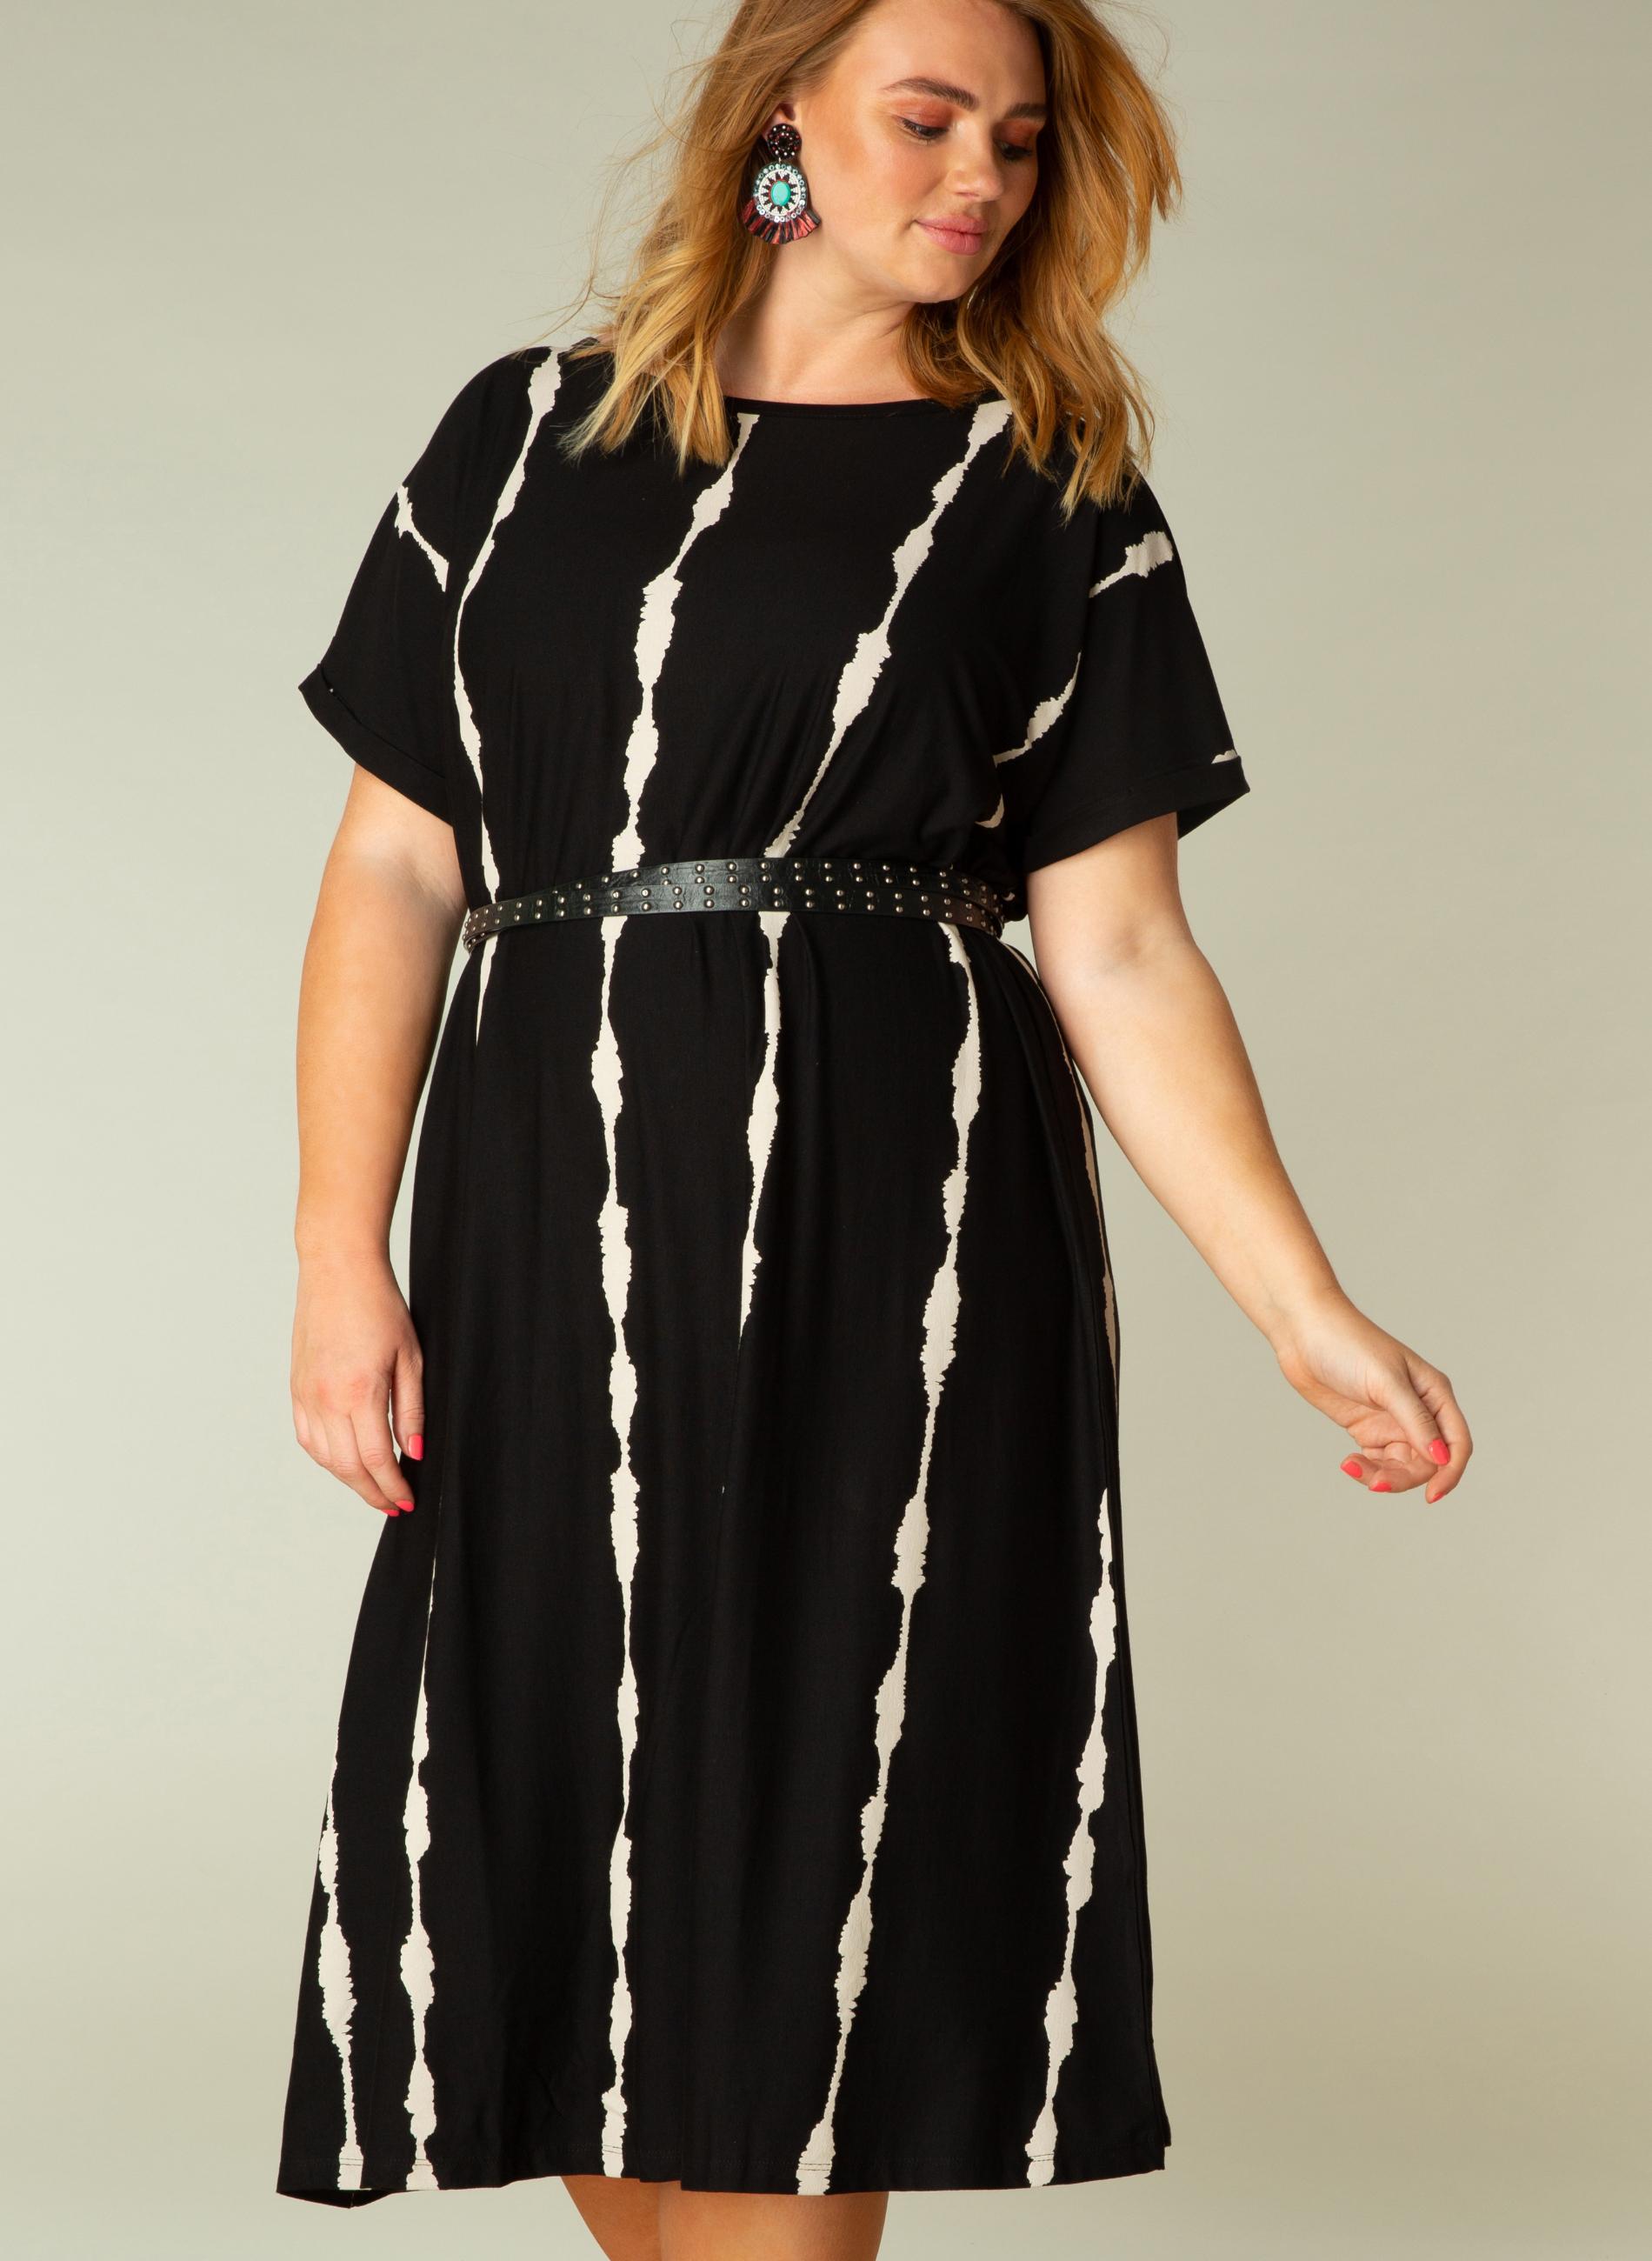 Yesta jurk Jazzeline 118 cm